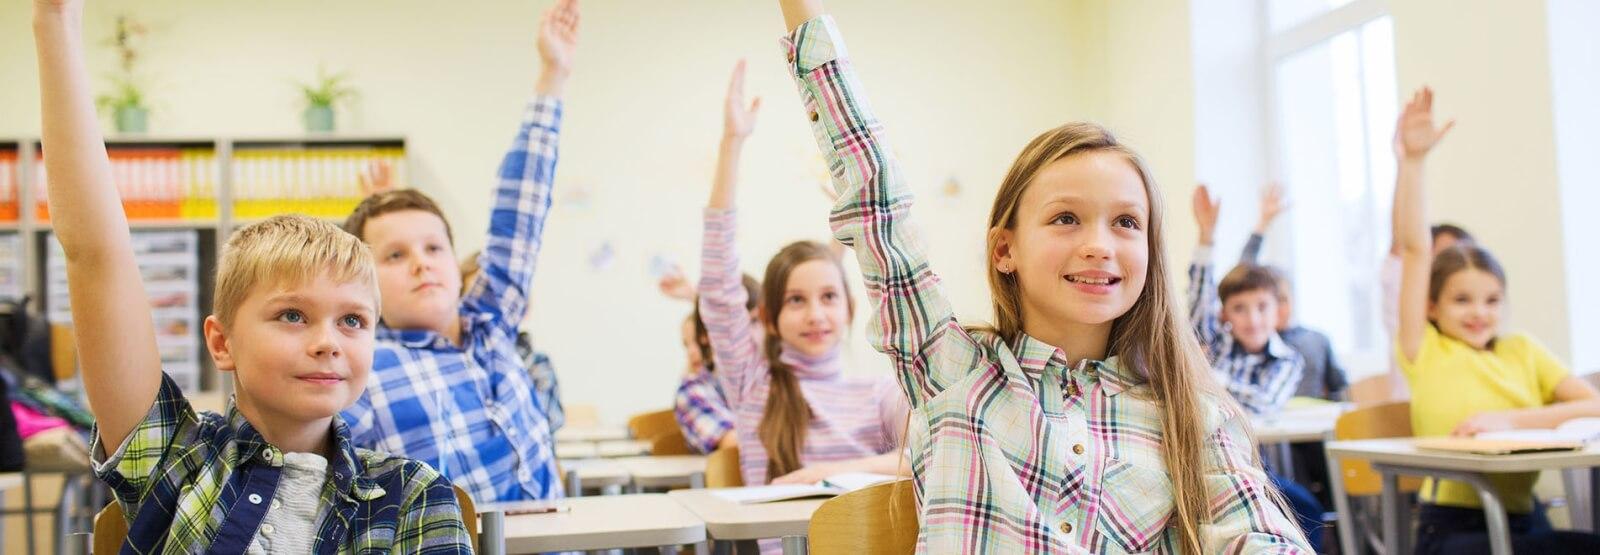 Нейропсихологический фактор влияющий на школьную успешность: основные причины неуспеваемости и их своевременное выявление